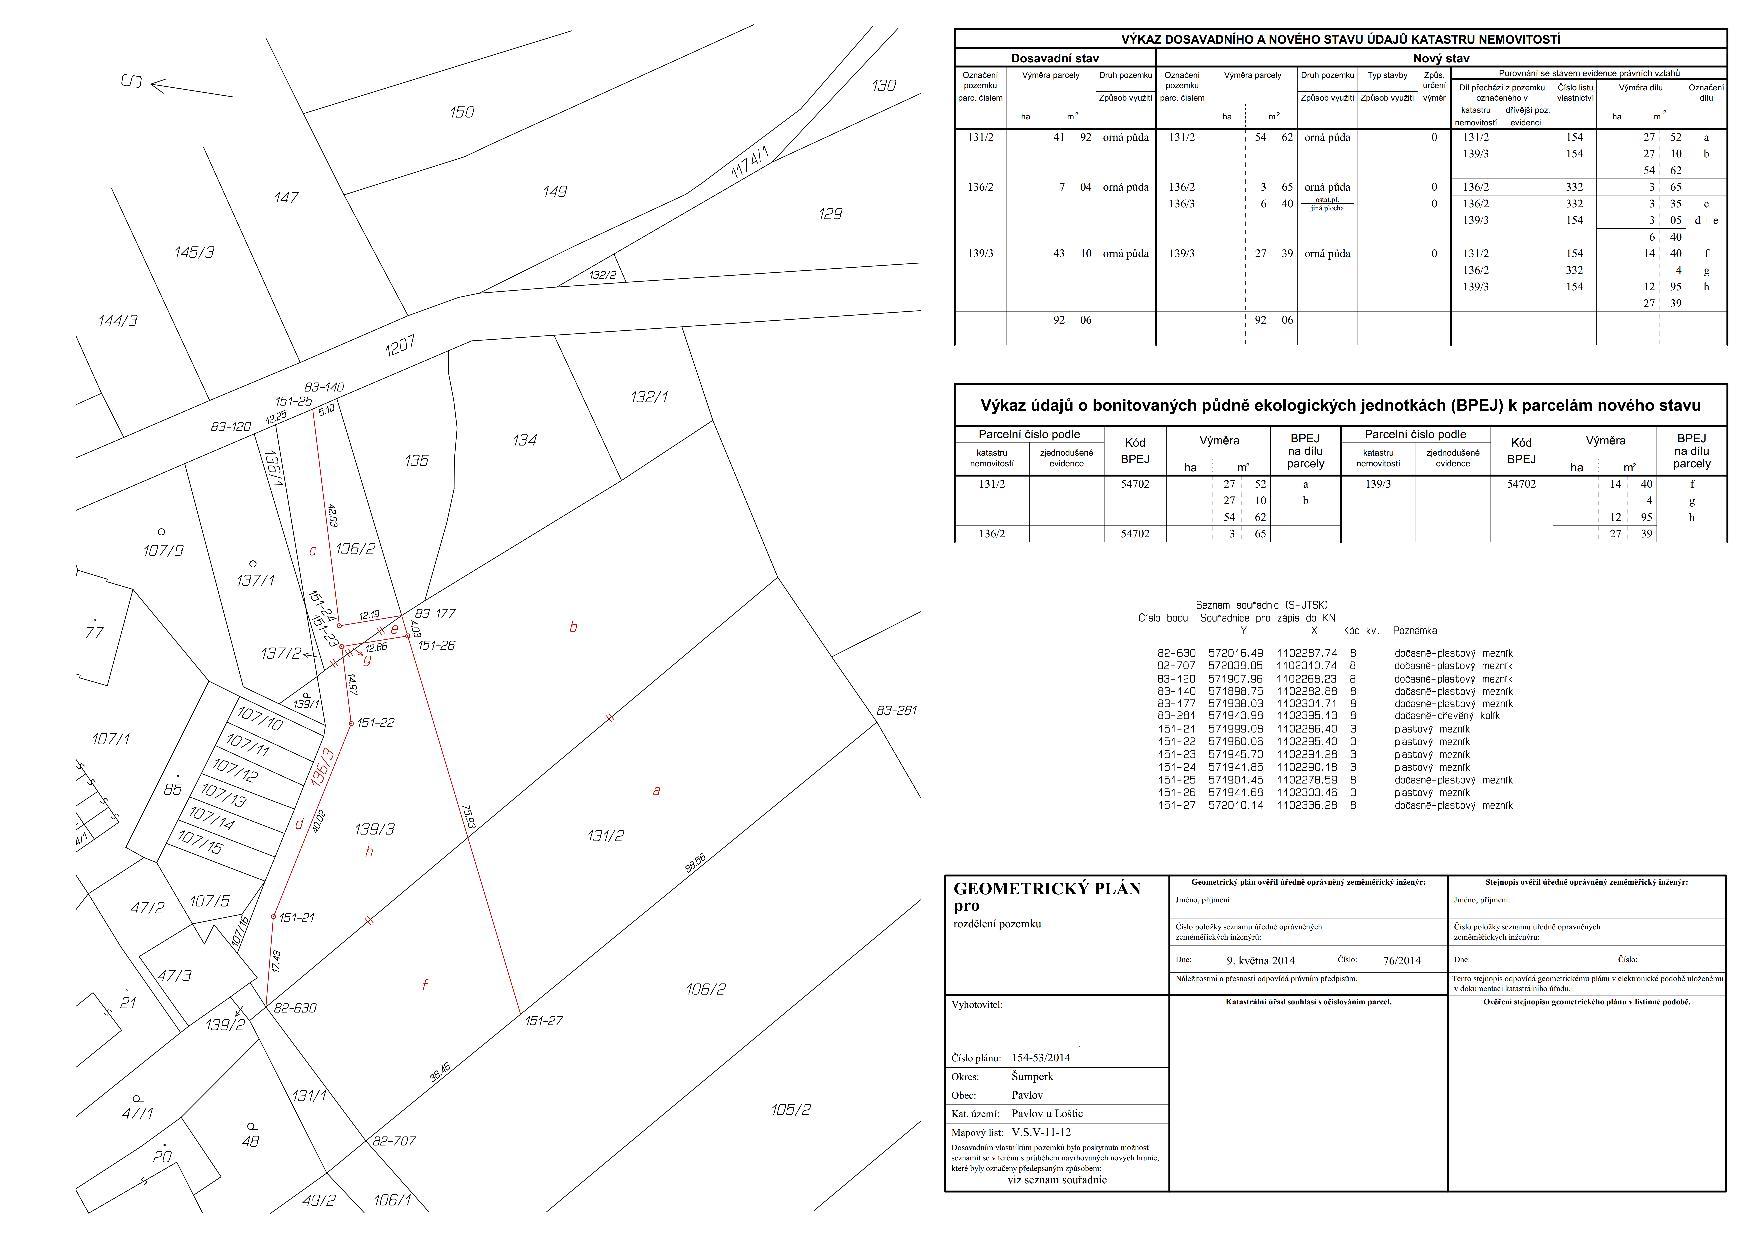 Geometrický plán pro rozdělení pozemku